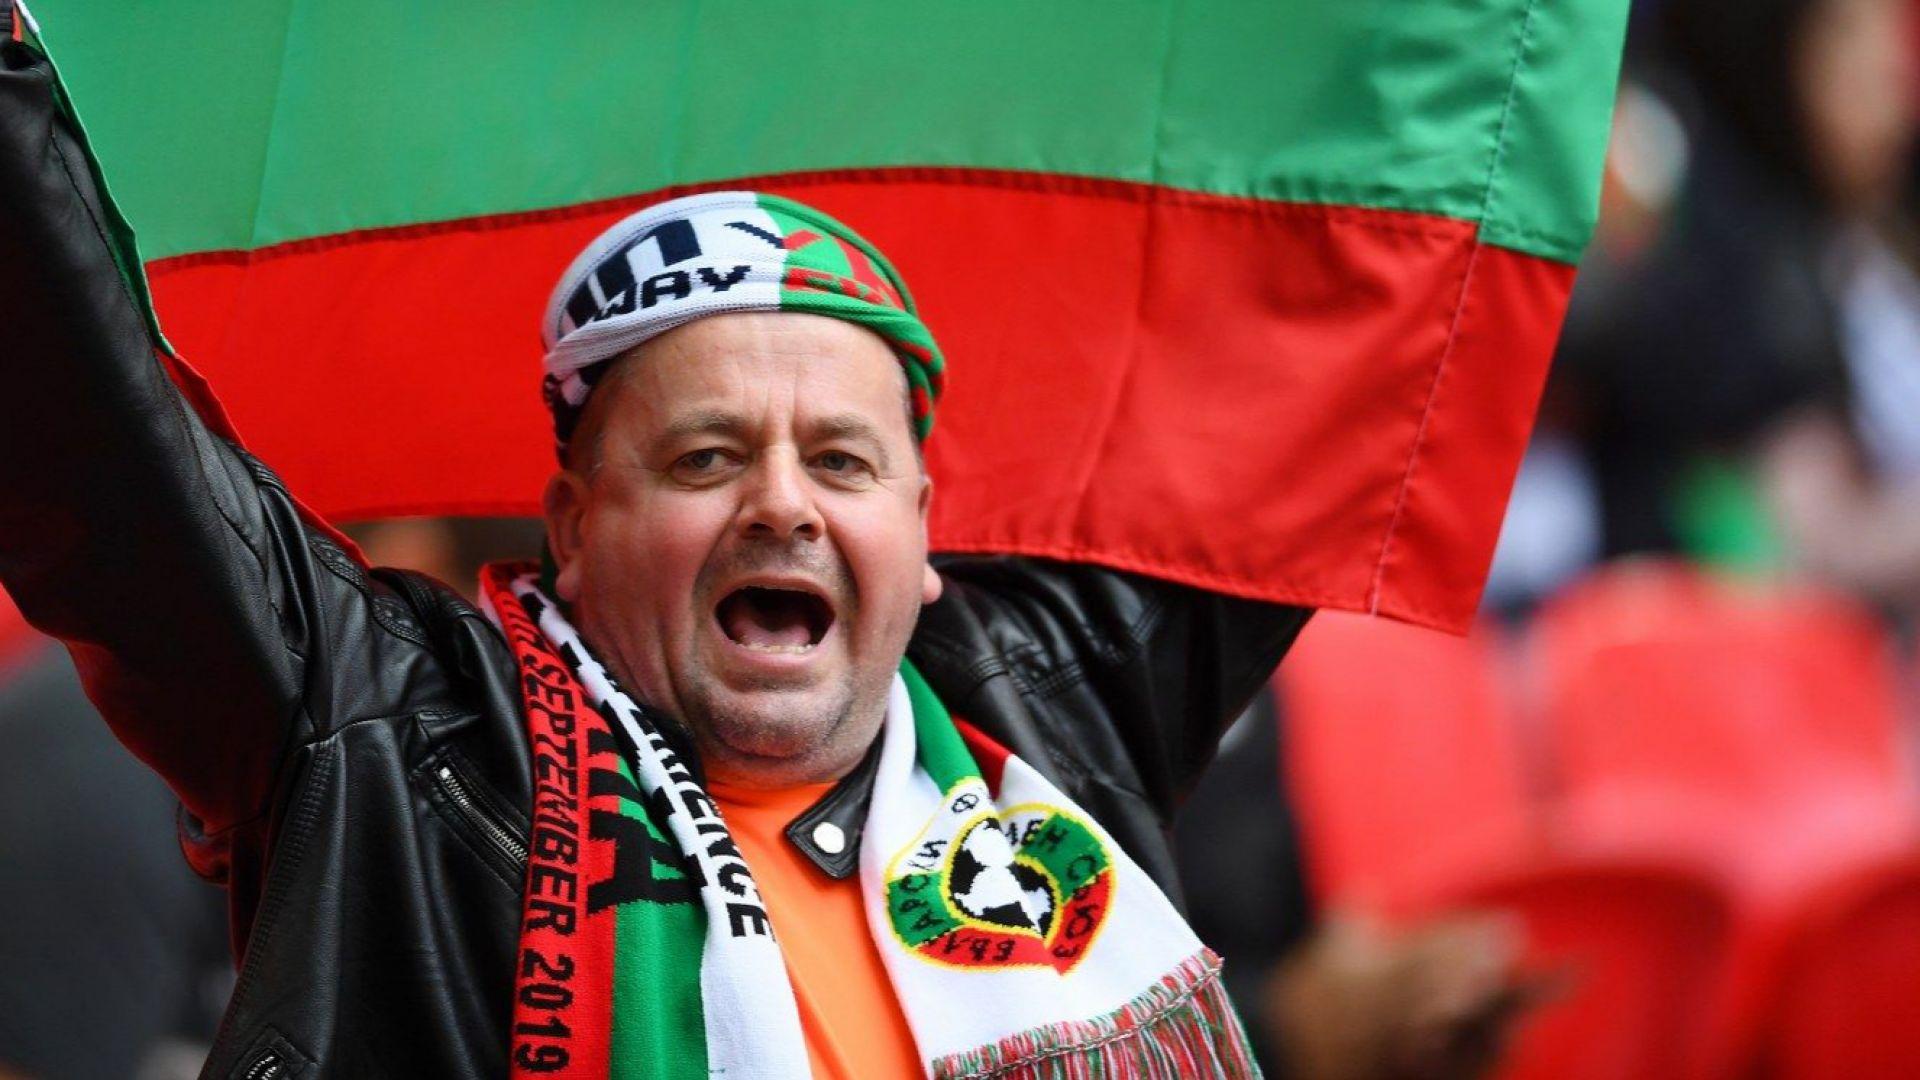 Агенти под прикритие ще следят за расизъм сред публиката на България - Англия